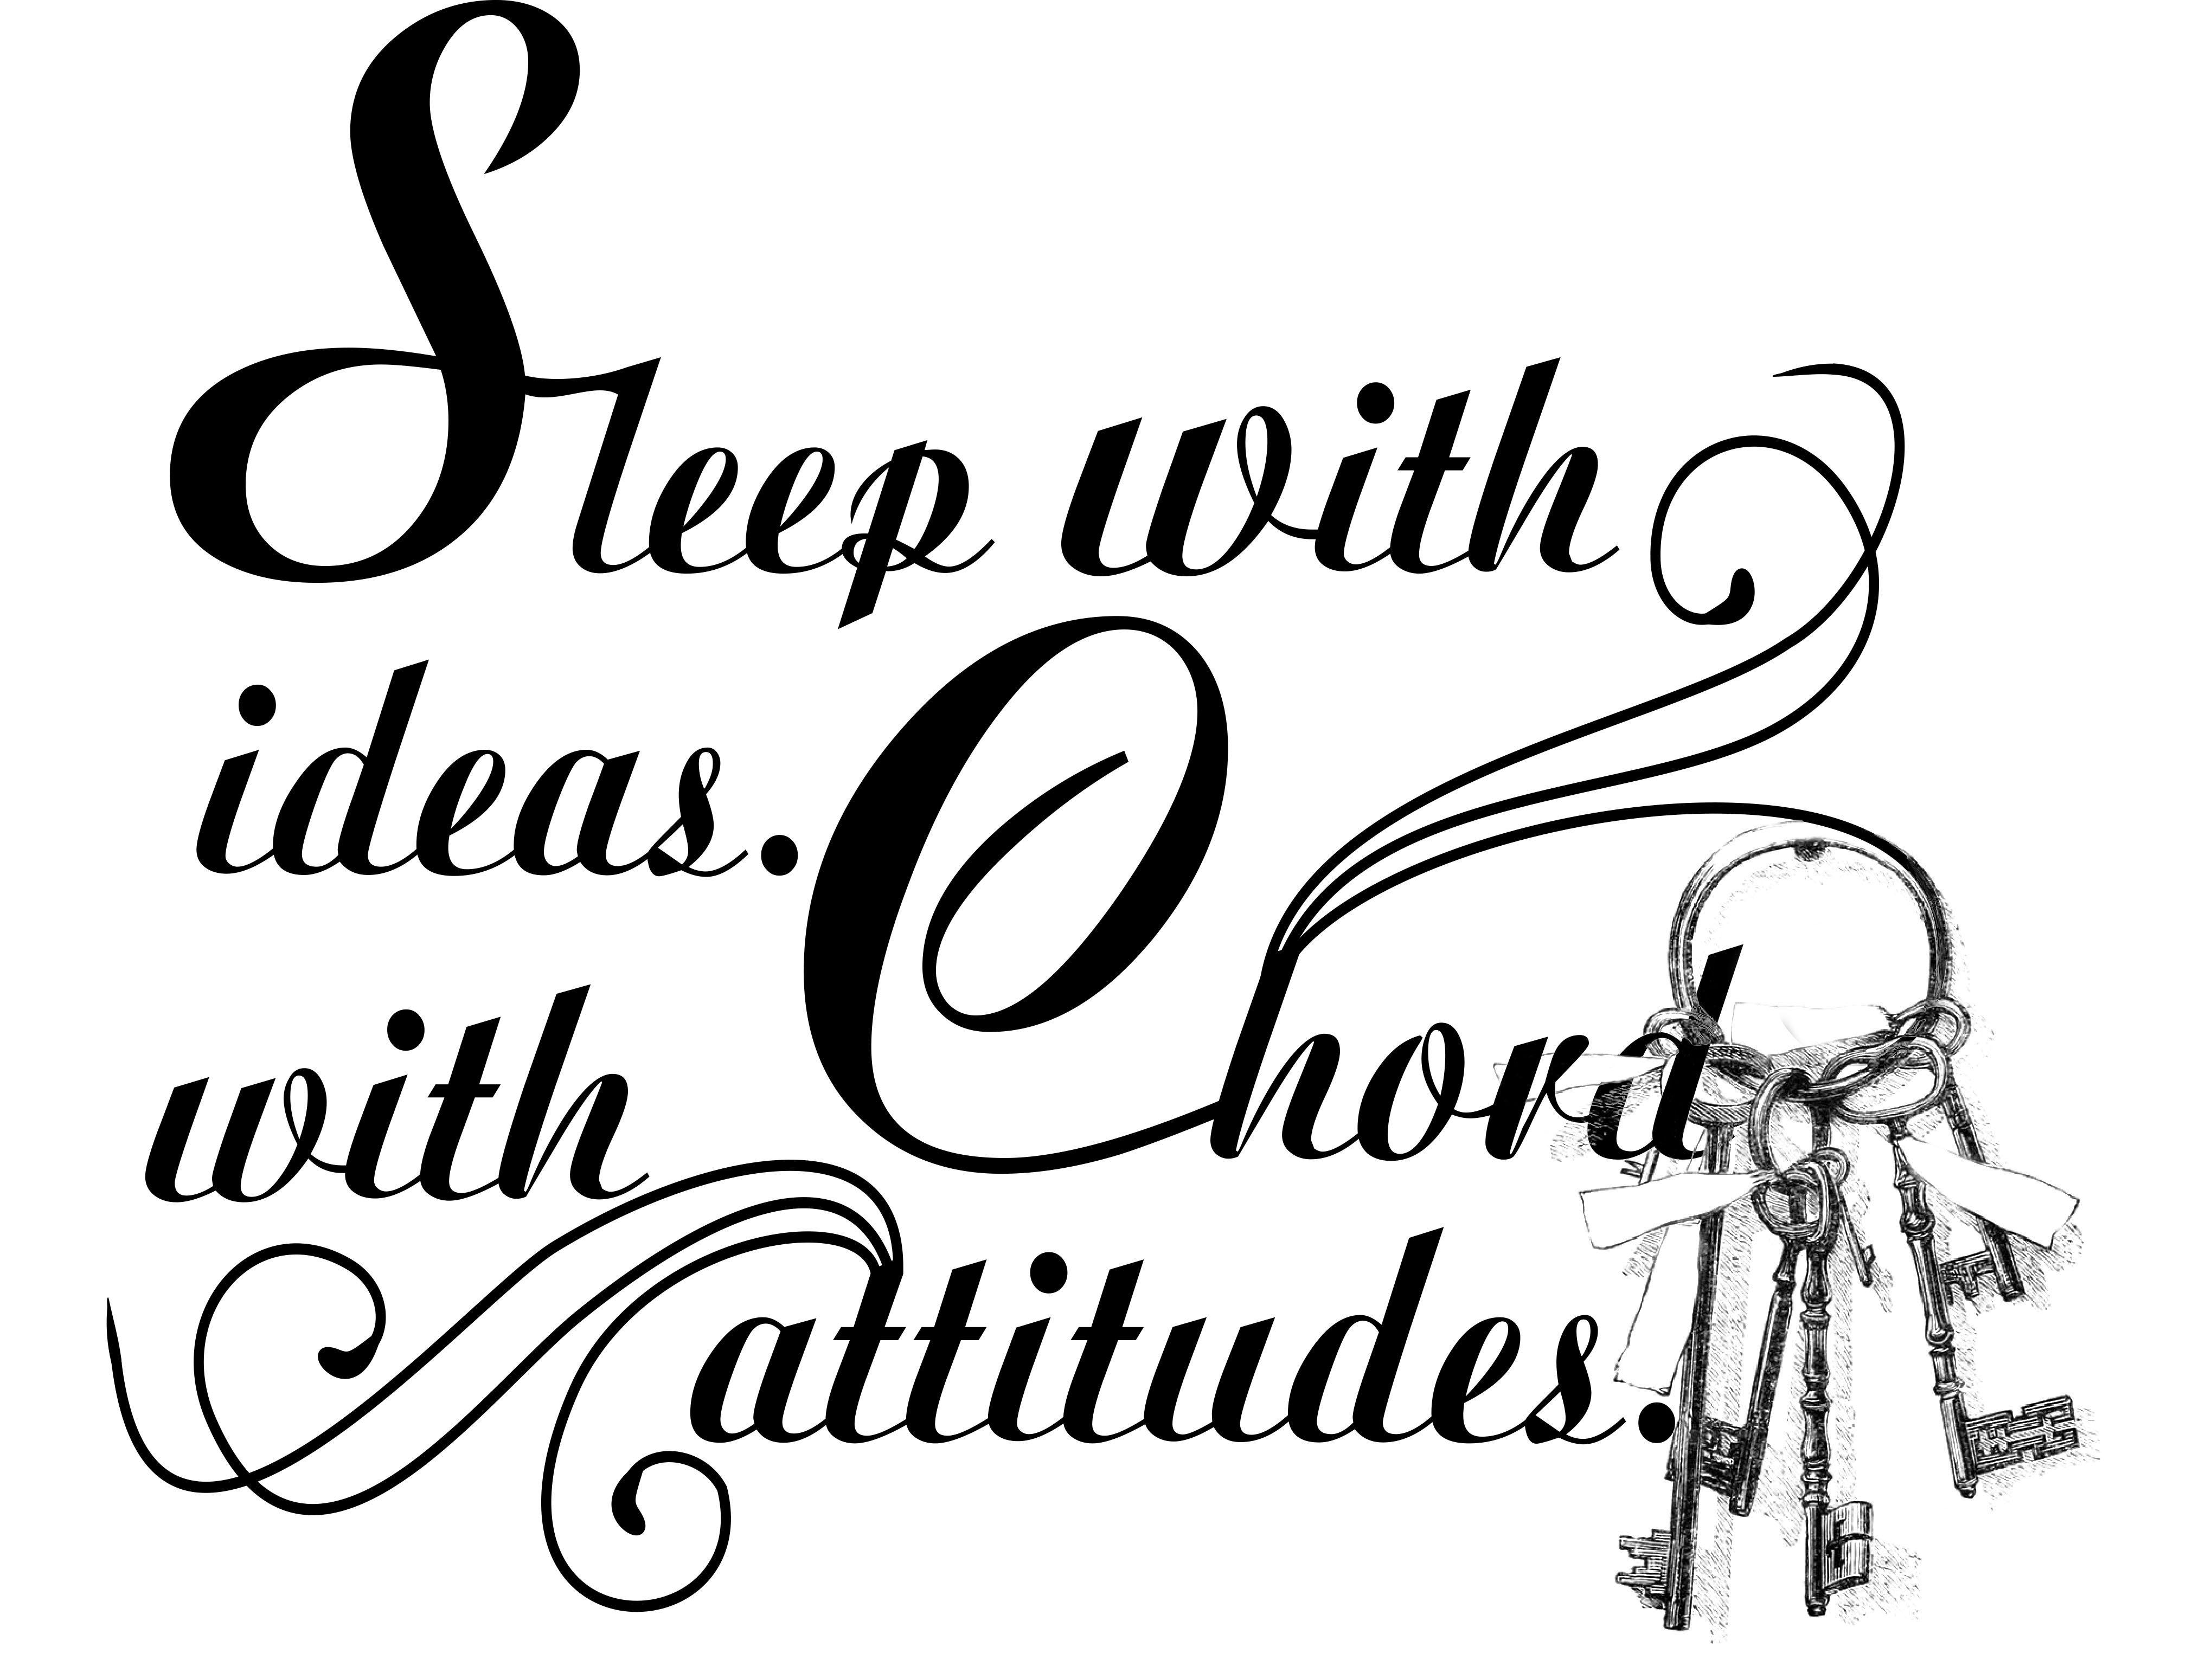 Durma com idéias acorde com atitudes